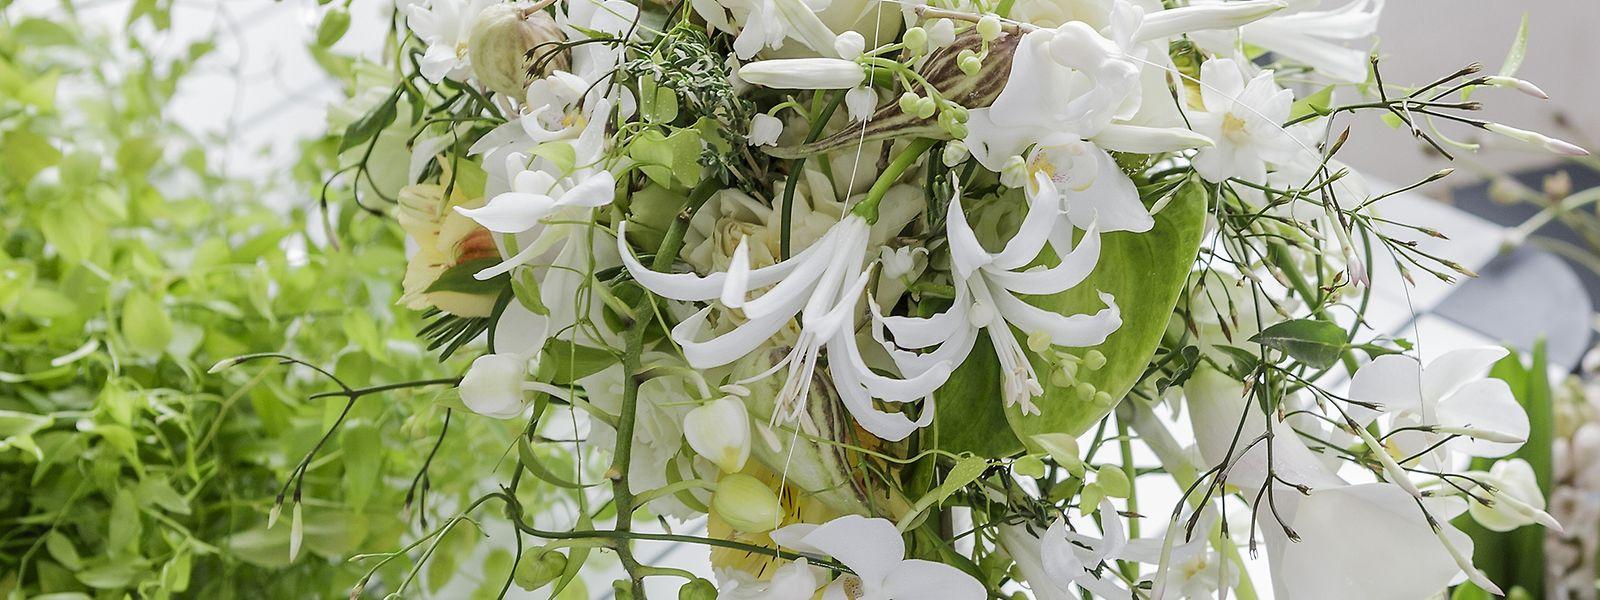 Kräuter wie Oregano und Thymian werden gern mit hübschen Blumen gemischt in Brautsträußen verwendet.